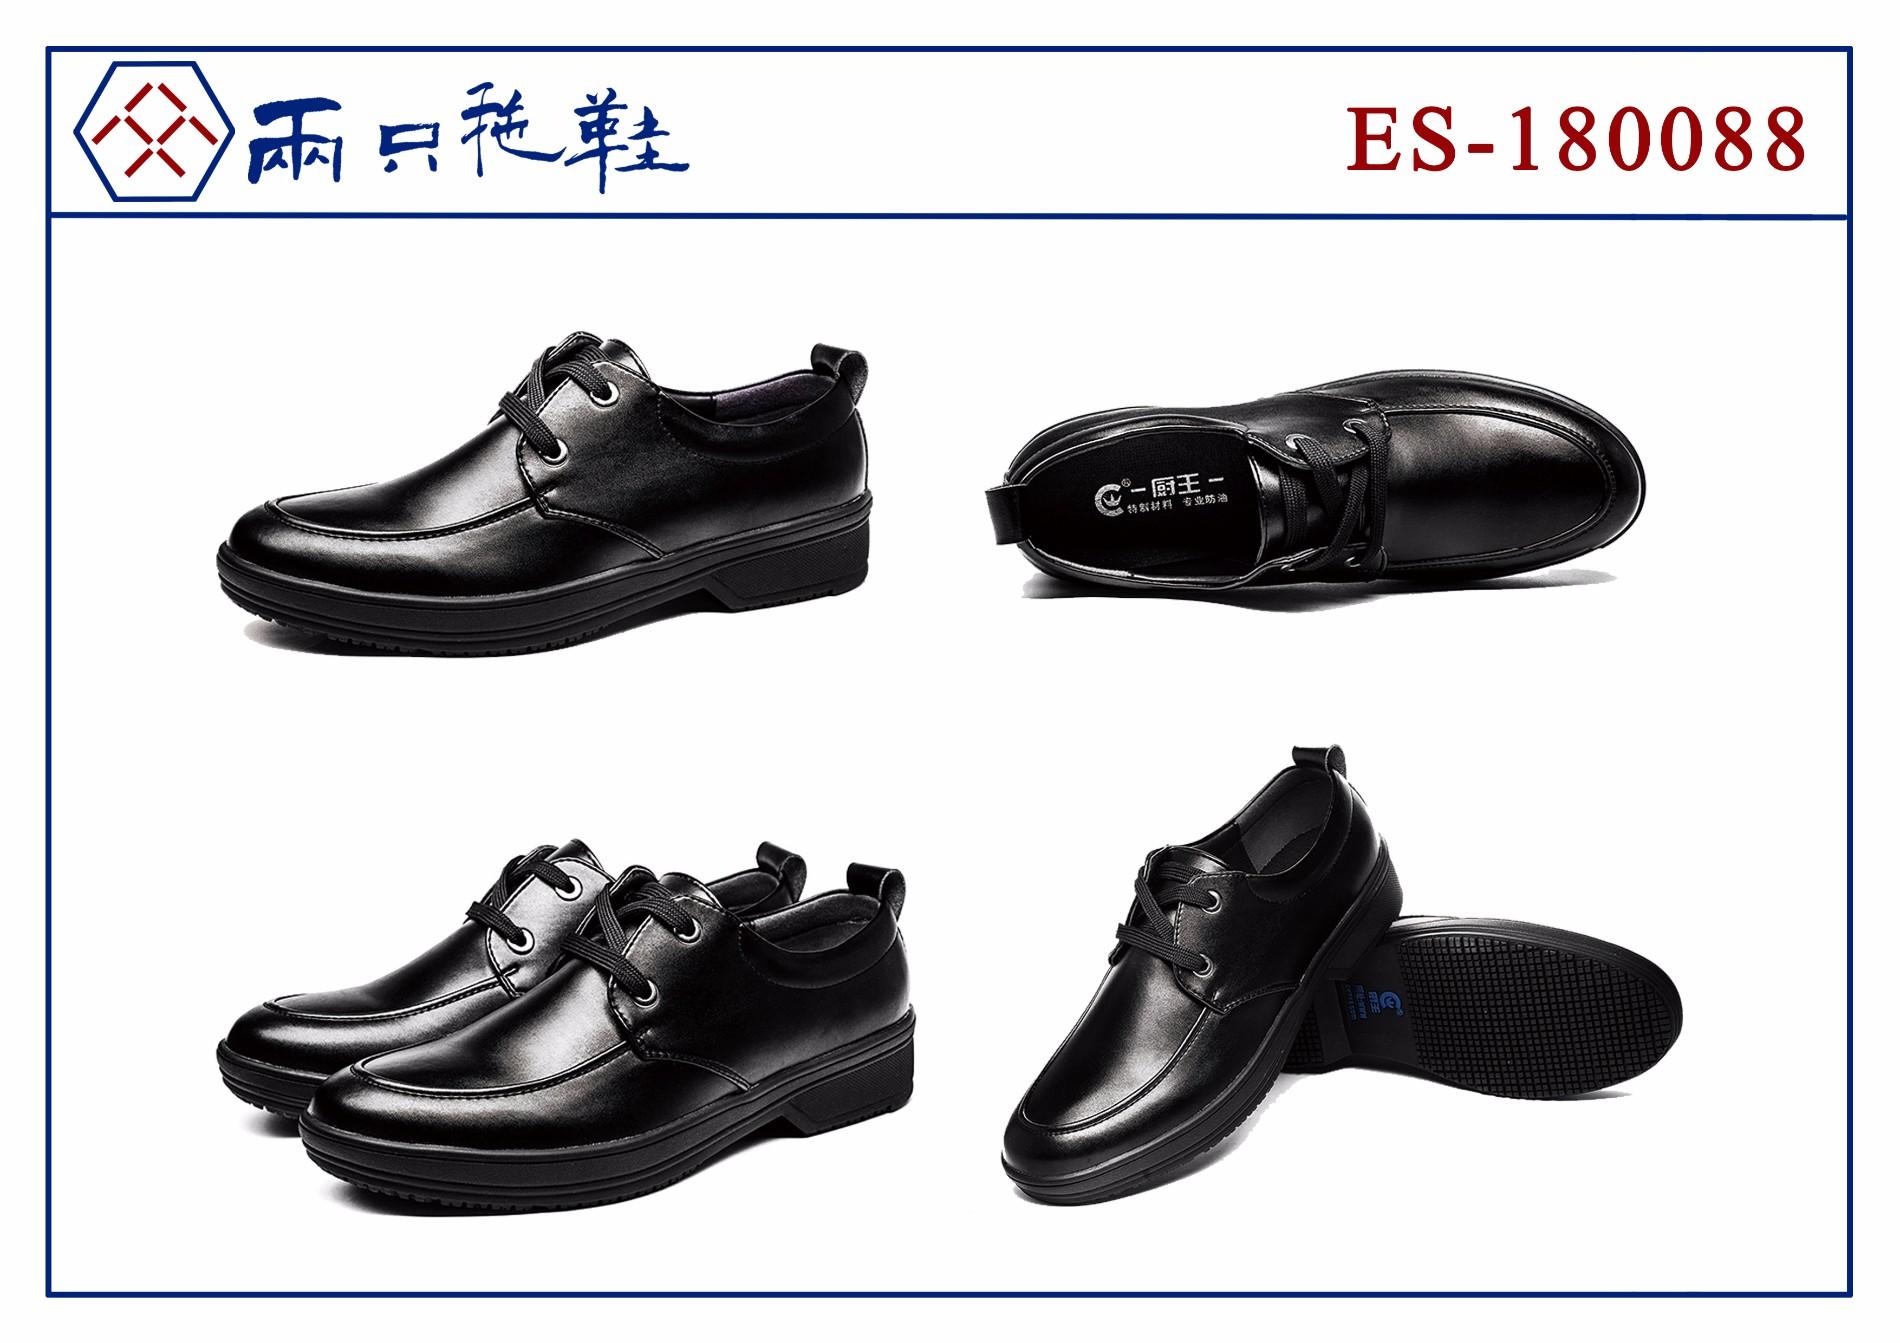 Waterproof working shoes